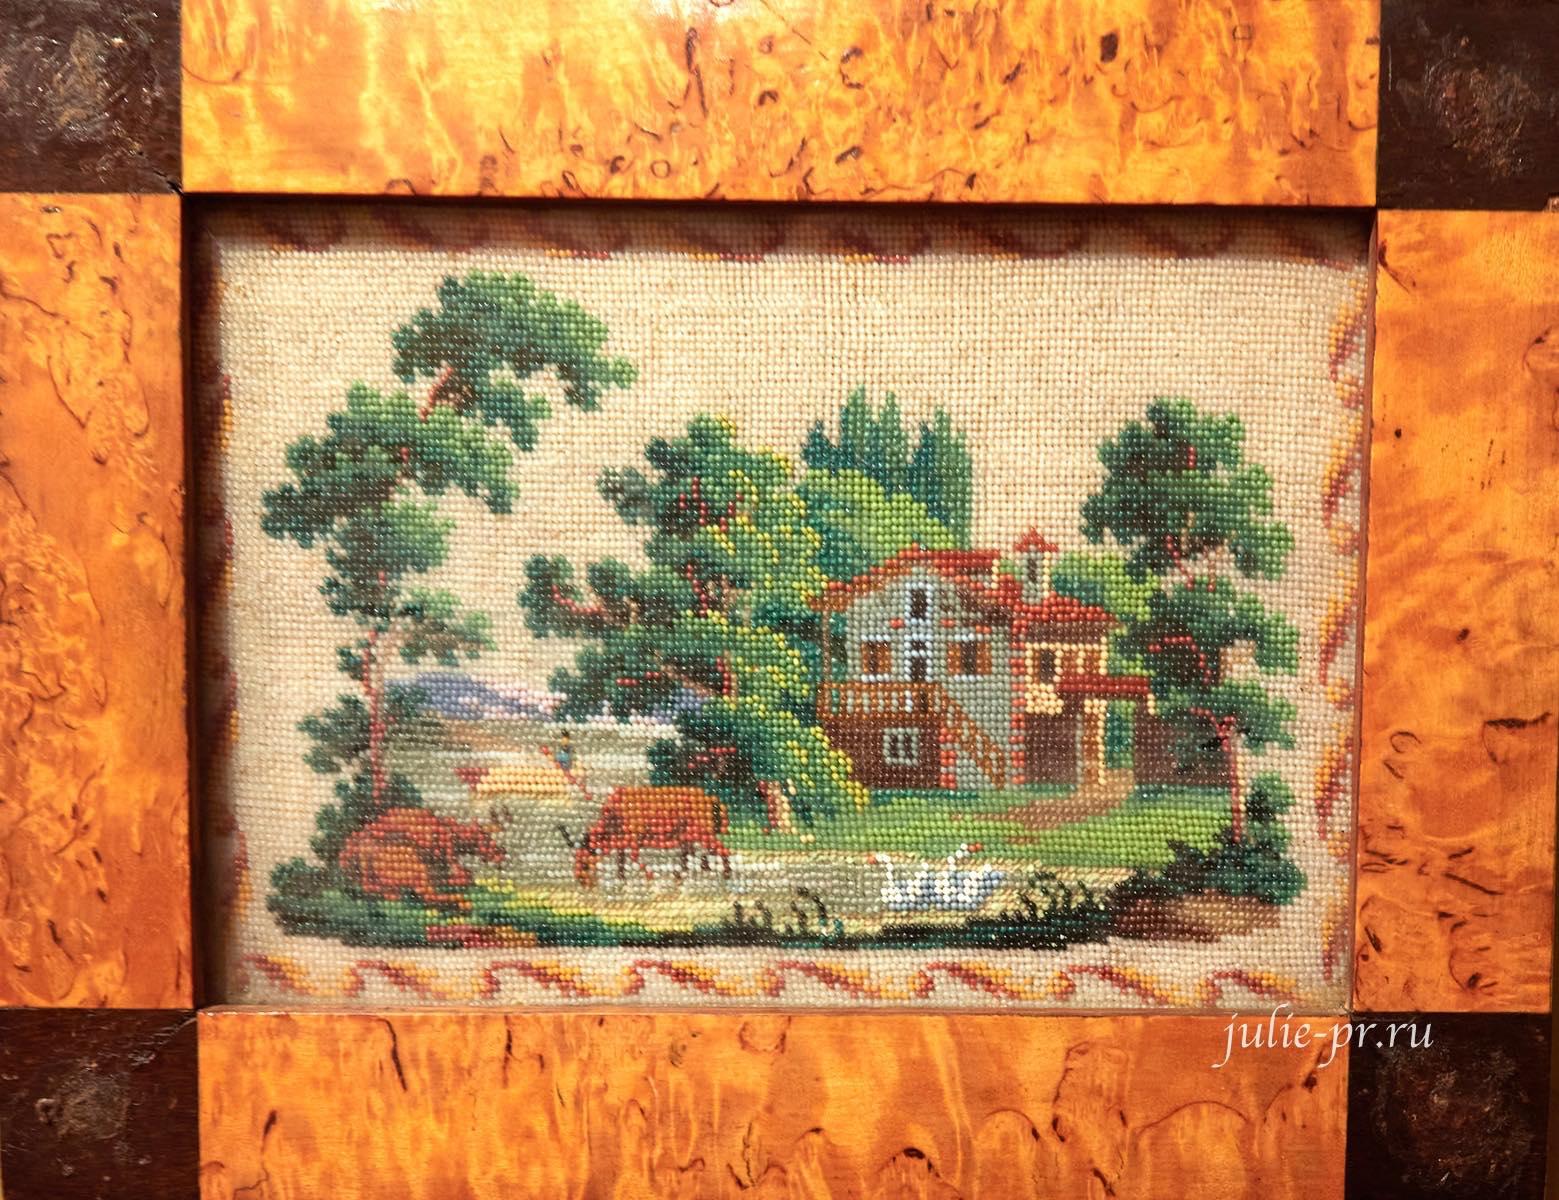 Сельский пейзаж, 1830-е гг, Россия, вышивка бисером, выставка Старинные вышивки